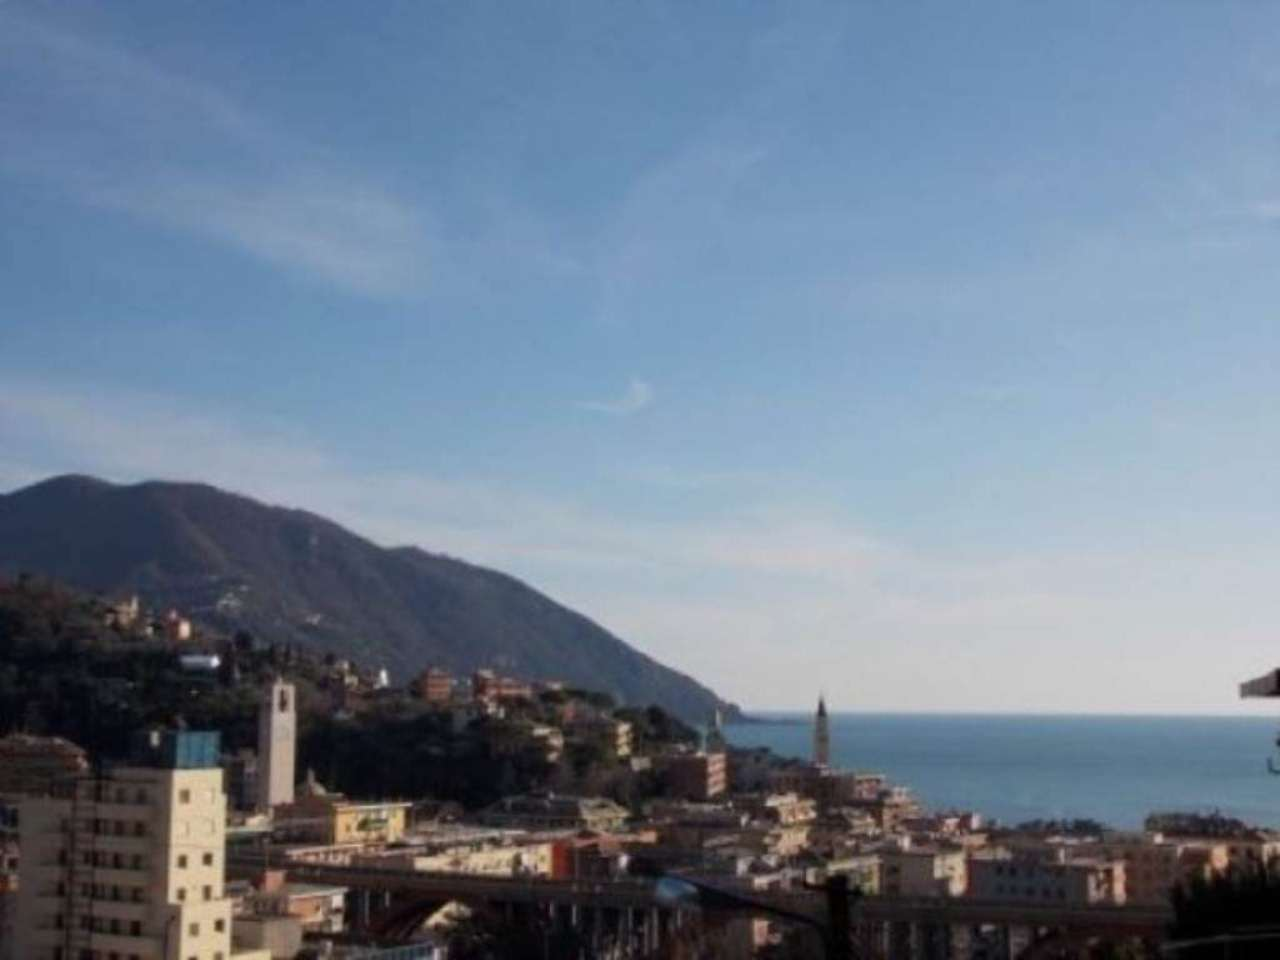 Appartamento in vendita a Recco, 3 locali, prezzo € 220.000 | CambioCasa.it